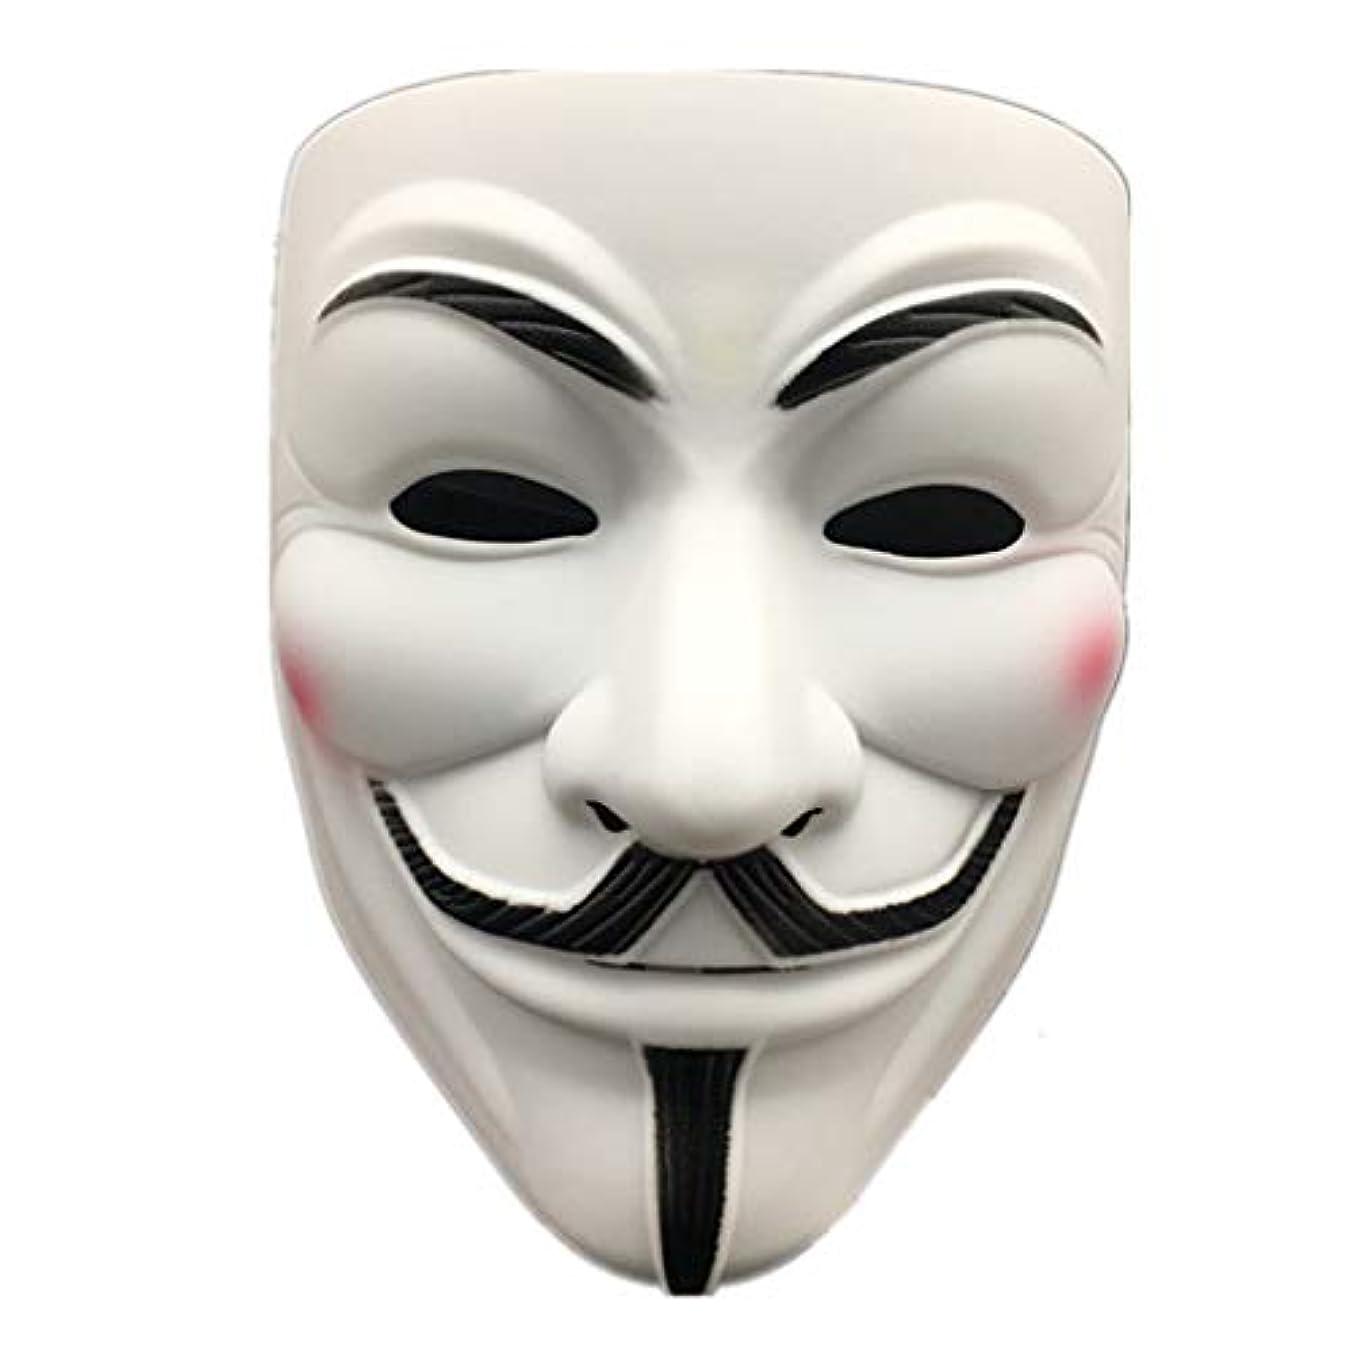 胃サスペンションツーリストハロウィンマスクフルフェイスストリートダンス振動マスク仮装変なマスクダンスマスク